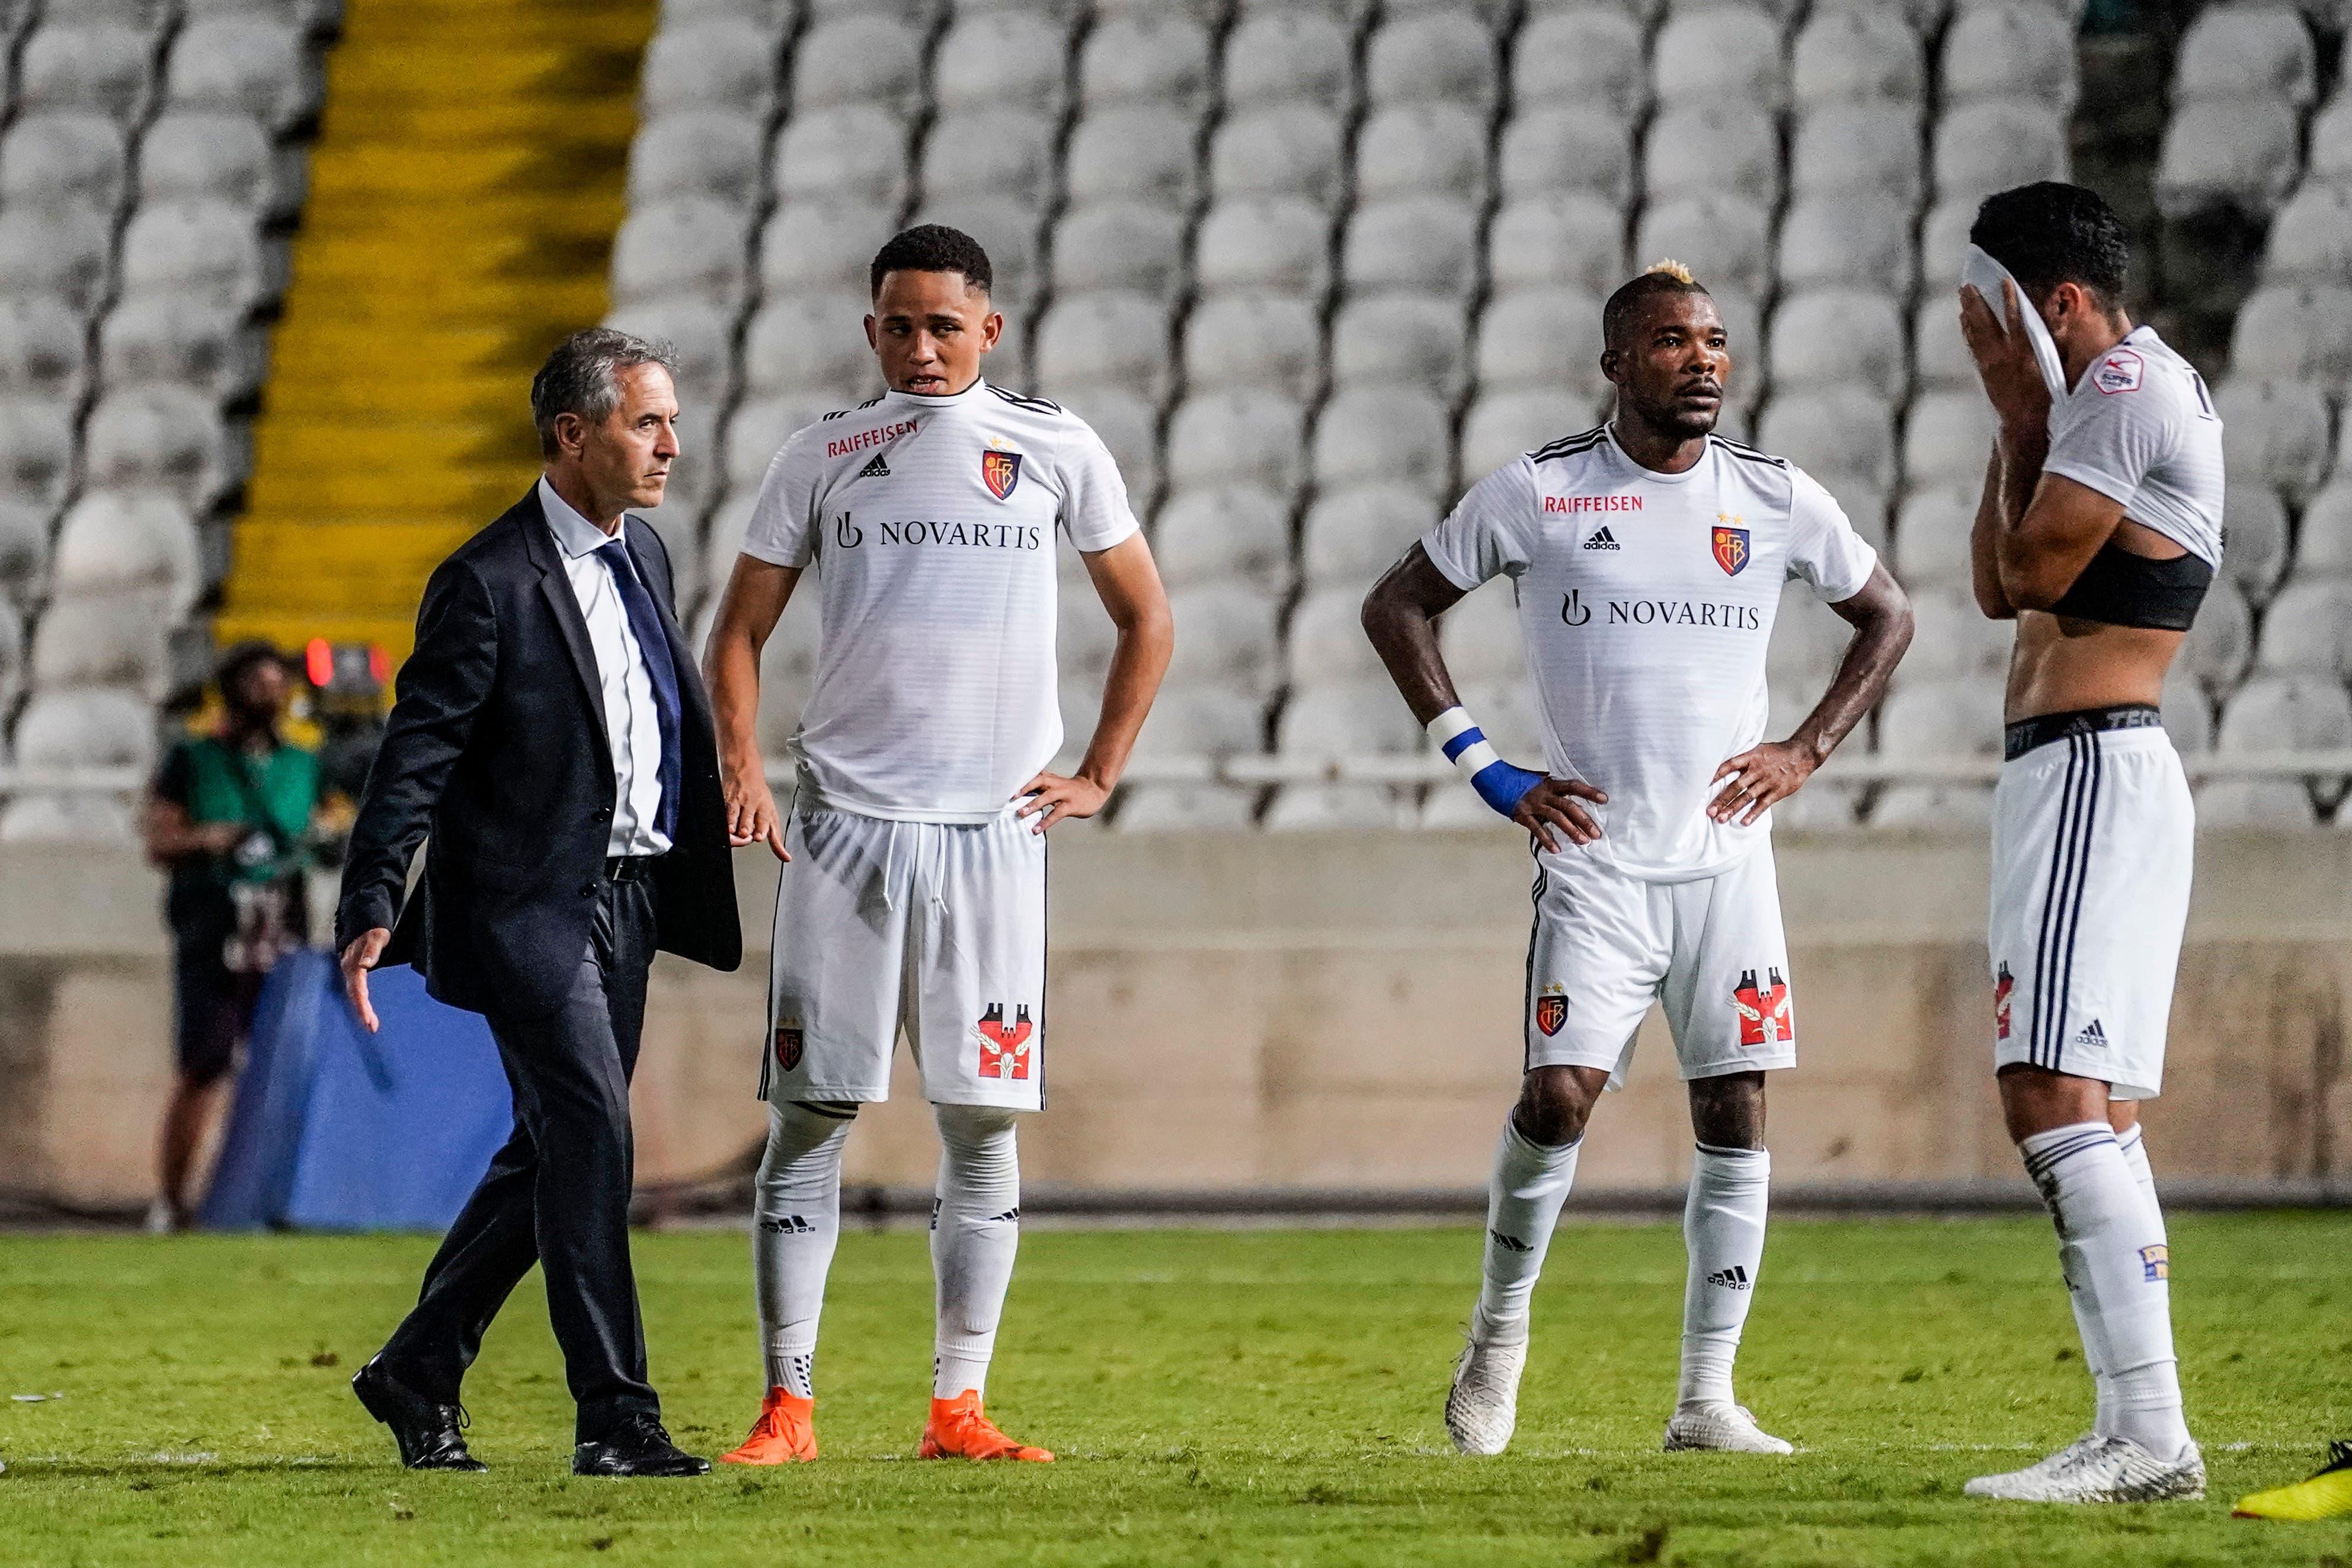 Das Ausscheiden in Limassol Die Amtszeit von Marcel Koller beim FCB begann zwar mit sechs Siegen in Serie, doch weil Spiel 8 in der Qualifikation der Europa League in Limassol mit 0:1 verlorenging, verpasste der FCB erstmals seit 2007 das europäische Geschäft.